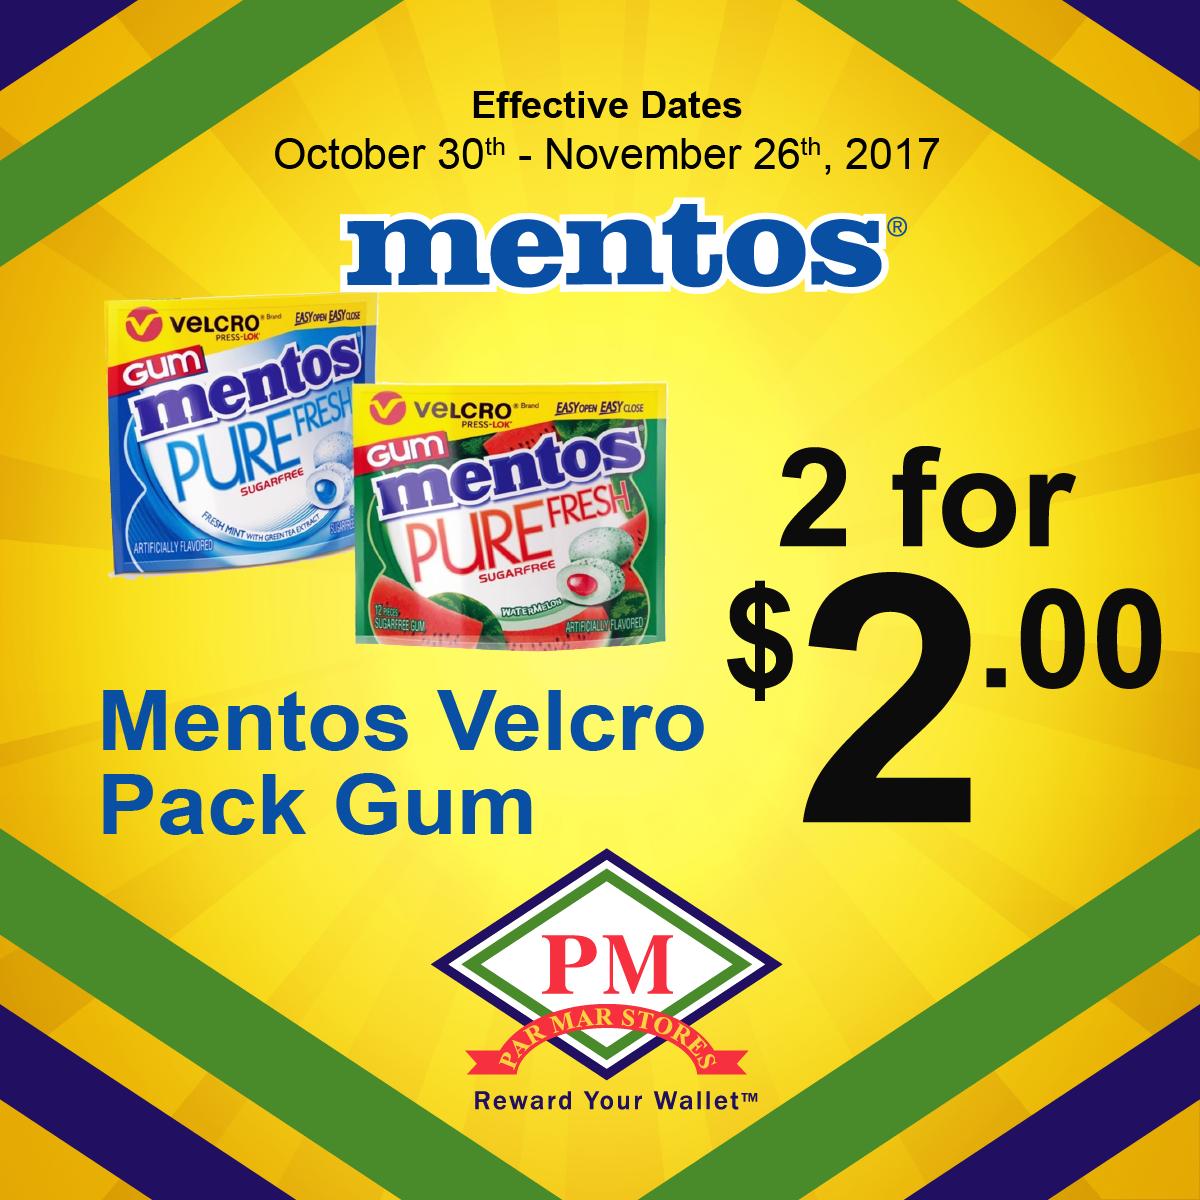 Mentos_velcro